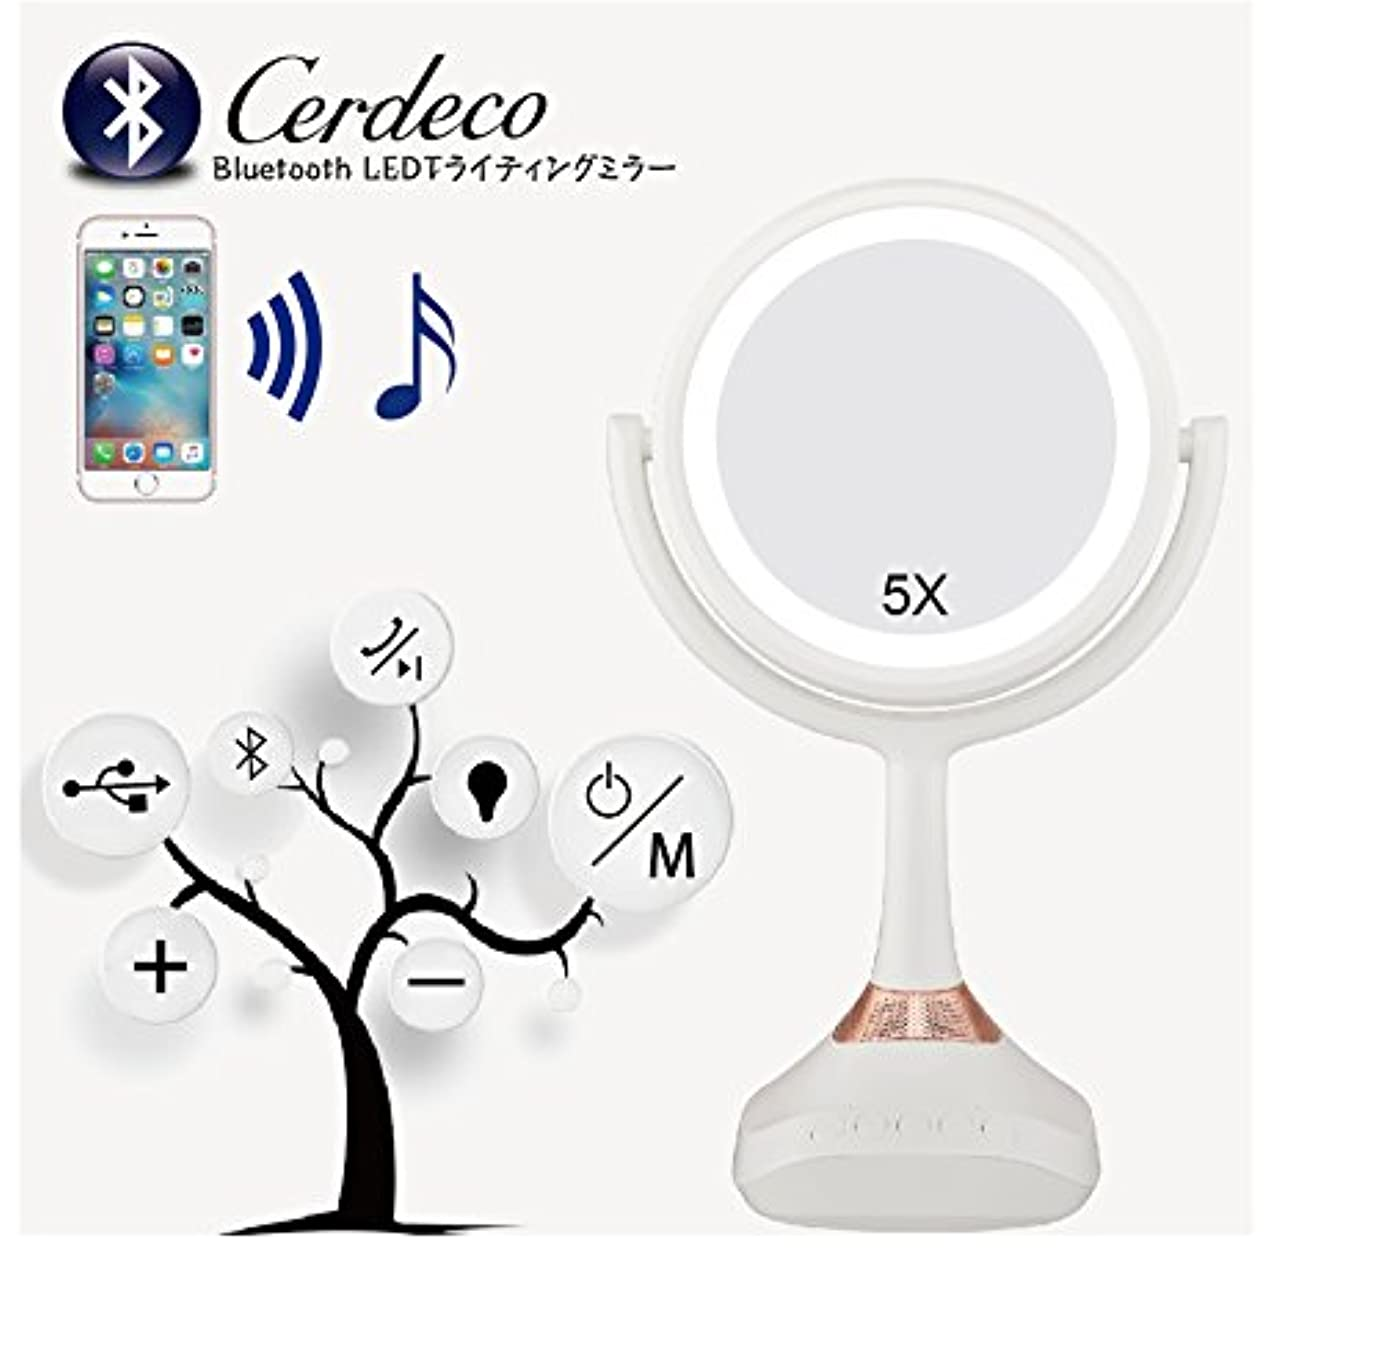 可塑性収穫と遊ぶ(セーディコ)Cerdeco Bluetoothスピーカー LEDライティングミラー 5倍拡大率 ハンズフリー通話可能 USB給電 真実の両面鏡DX 鏡面φ153mm D638M (ホワイト?Bluetooth卓上鏡)